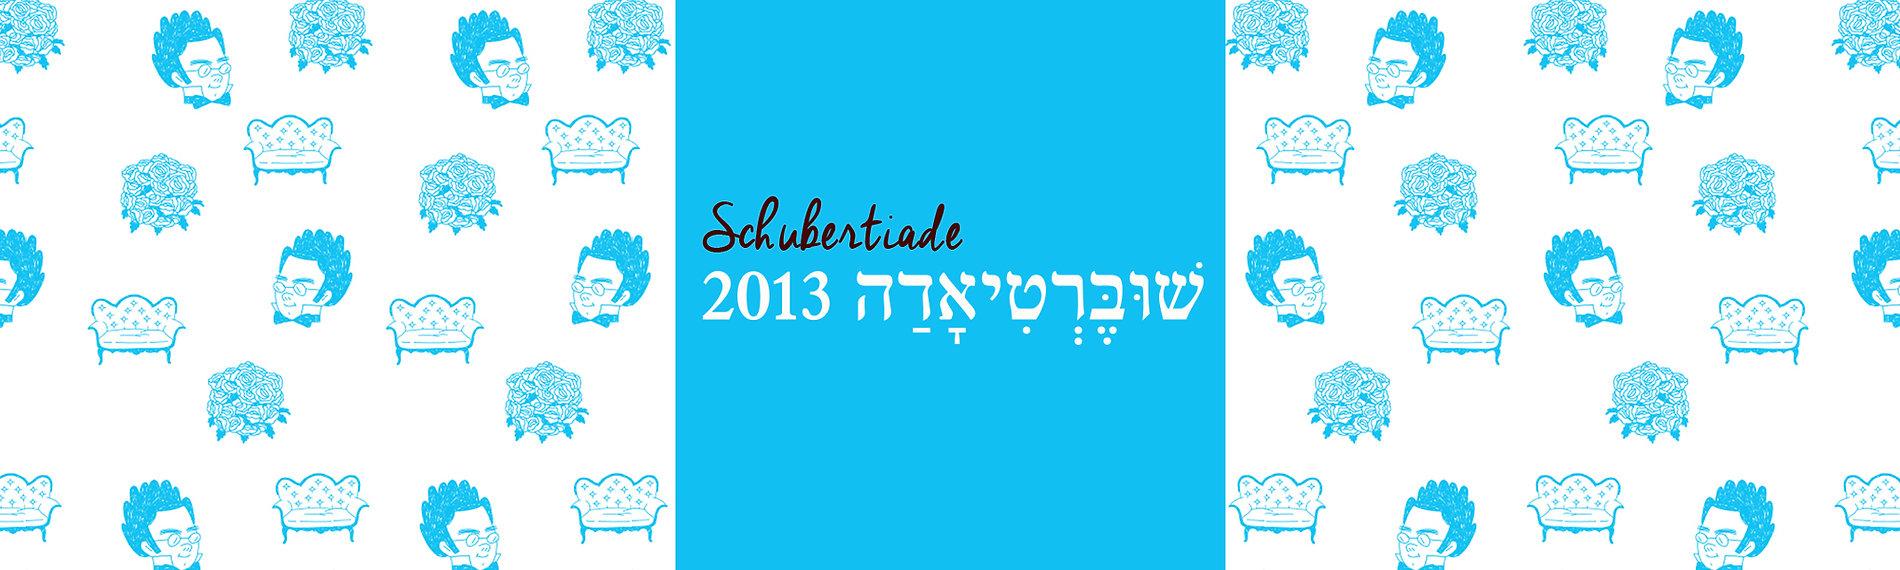 schubertiade_2013_2000x600.jpg